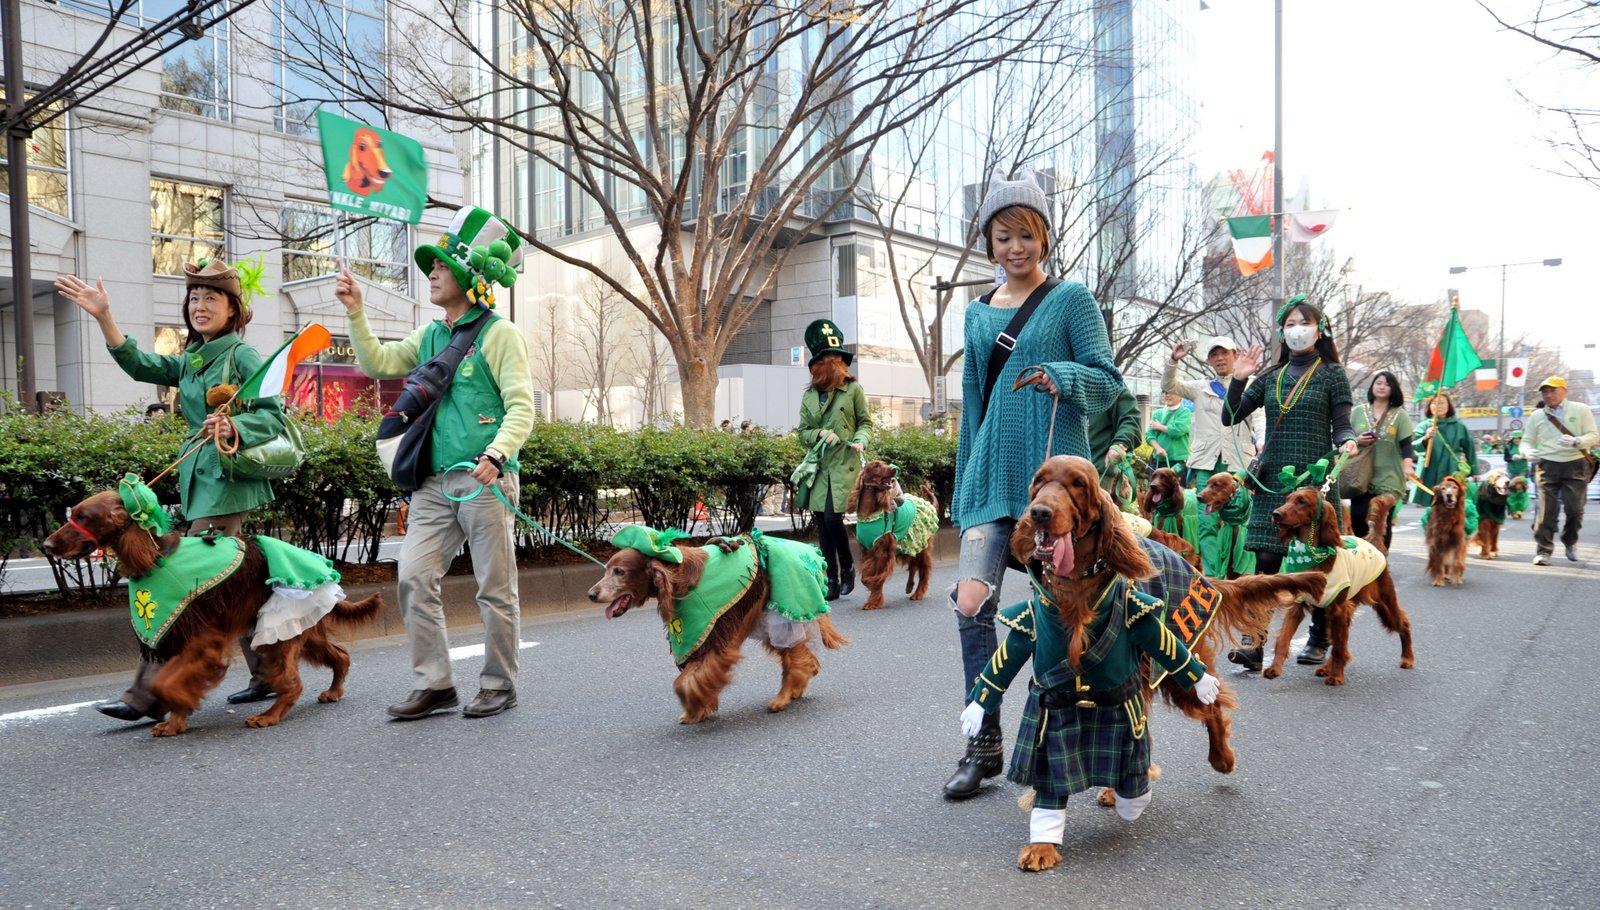 パレード参加される皆様、支援くださる関係者・スポンサーの皆様、そしてご取材いただく各報道機関の皆様、本年のセント・パトリックス・デー・パレード東京へ、より